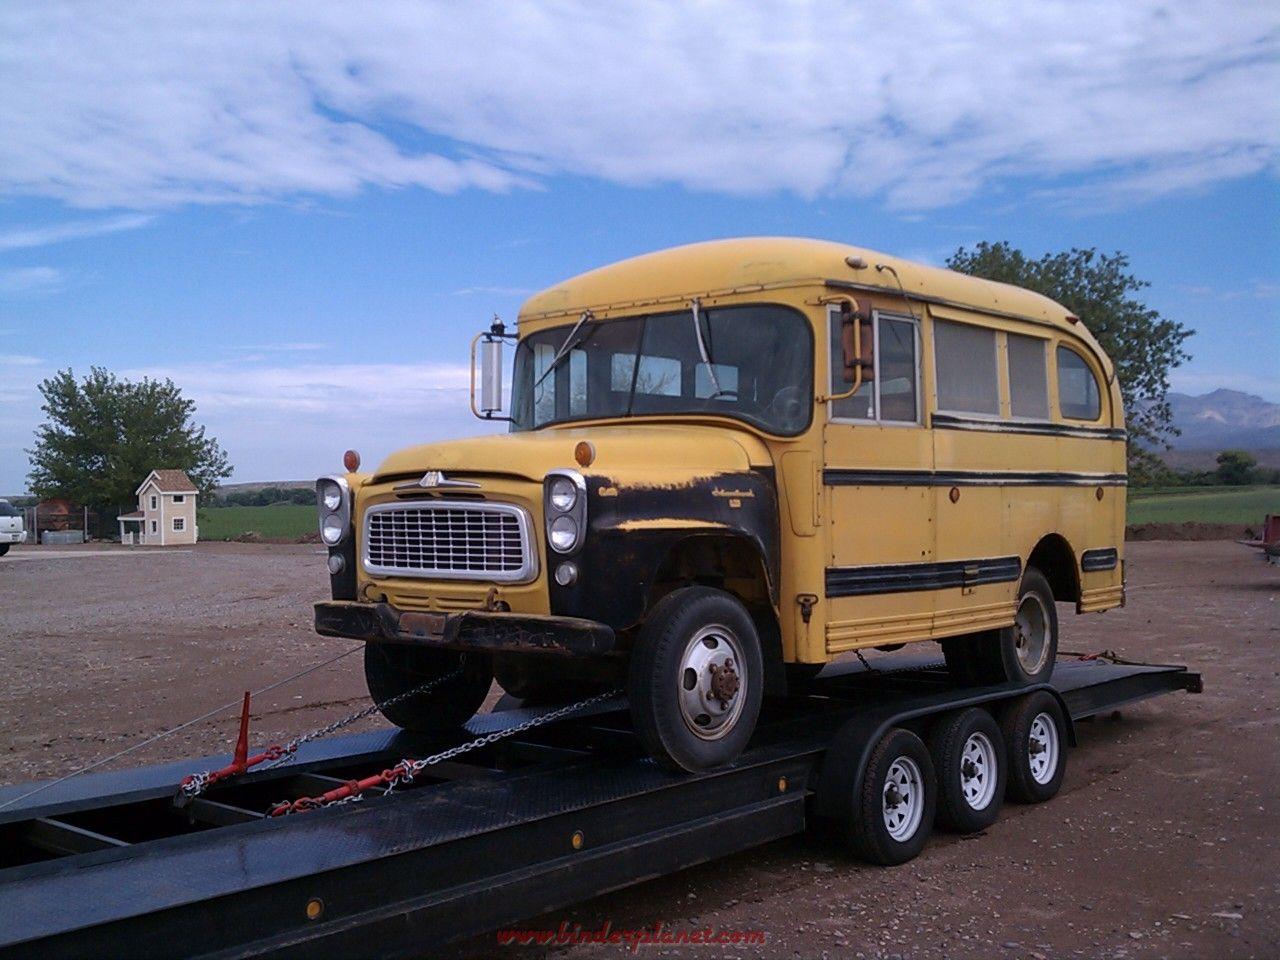 International travelall forum - B Series Short Bus 4x4 Binder Planet Forums